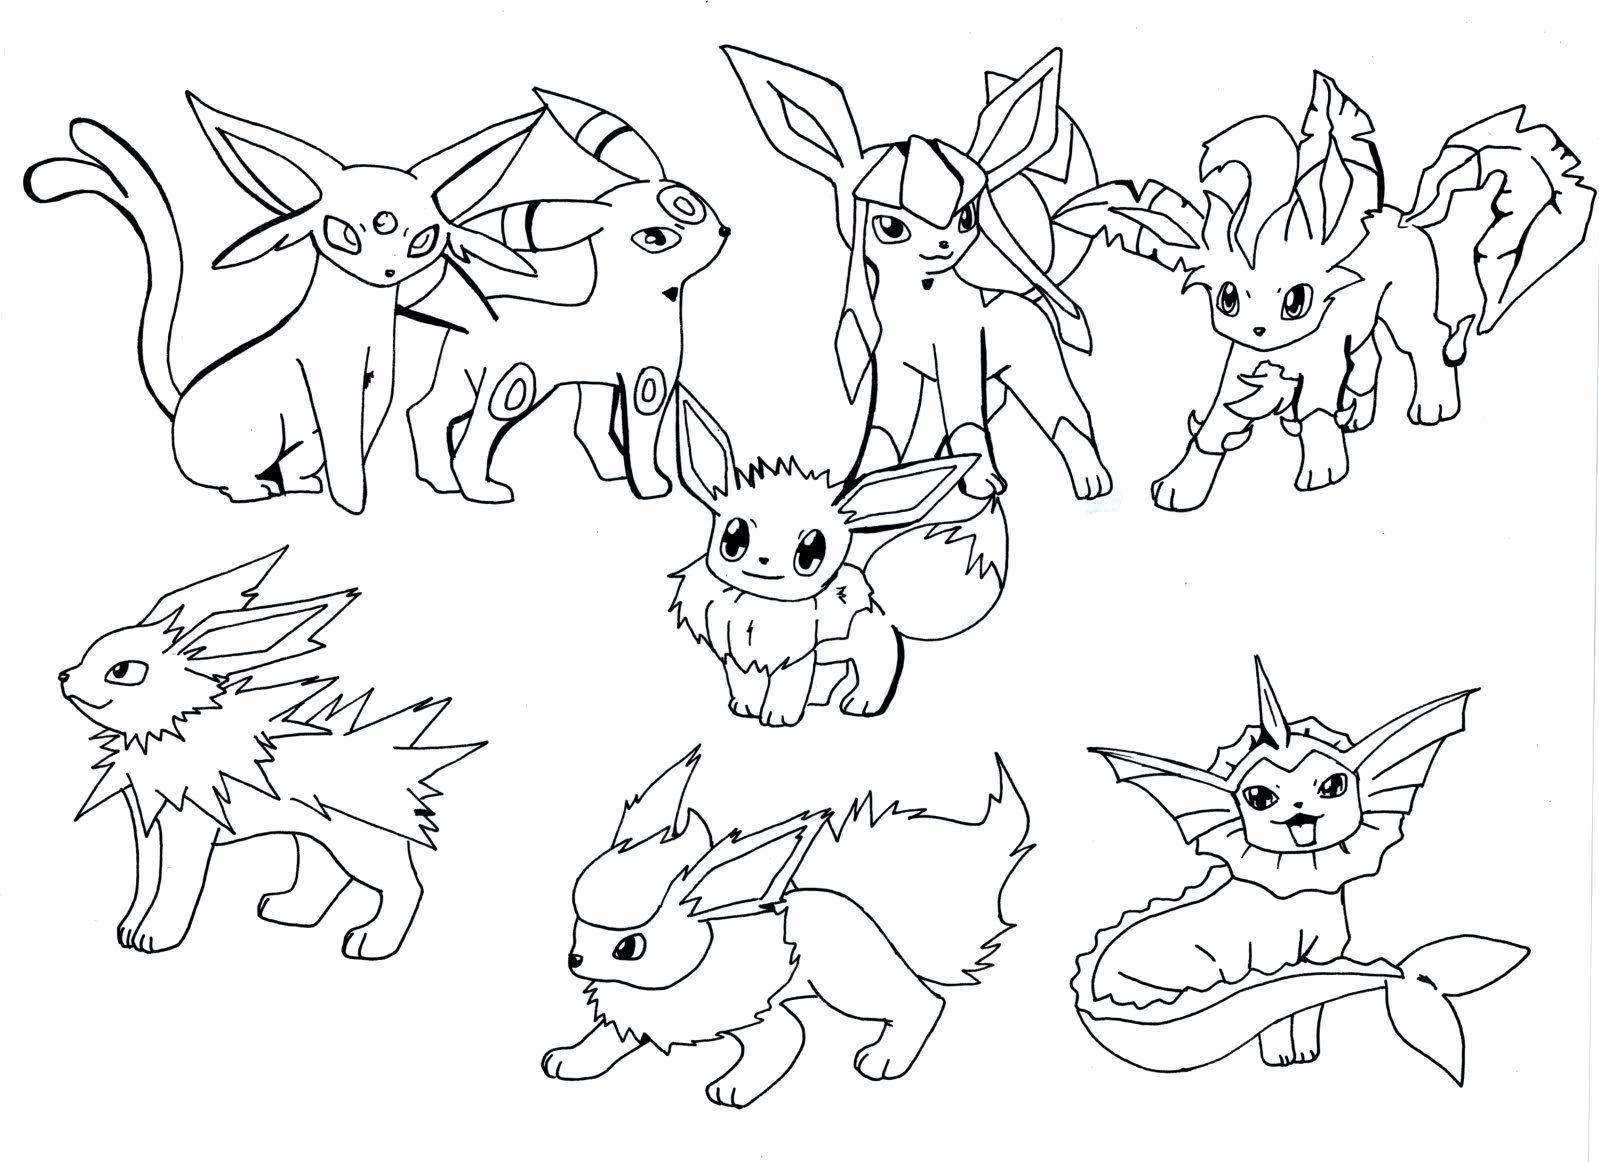 Disegni Da Colorare Di Pokemon.24 Eevee Evolutions Coloring Page In 2020 Pokemon Coloring